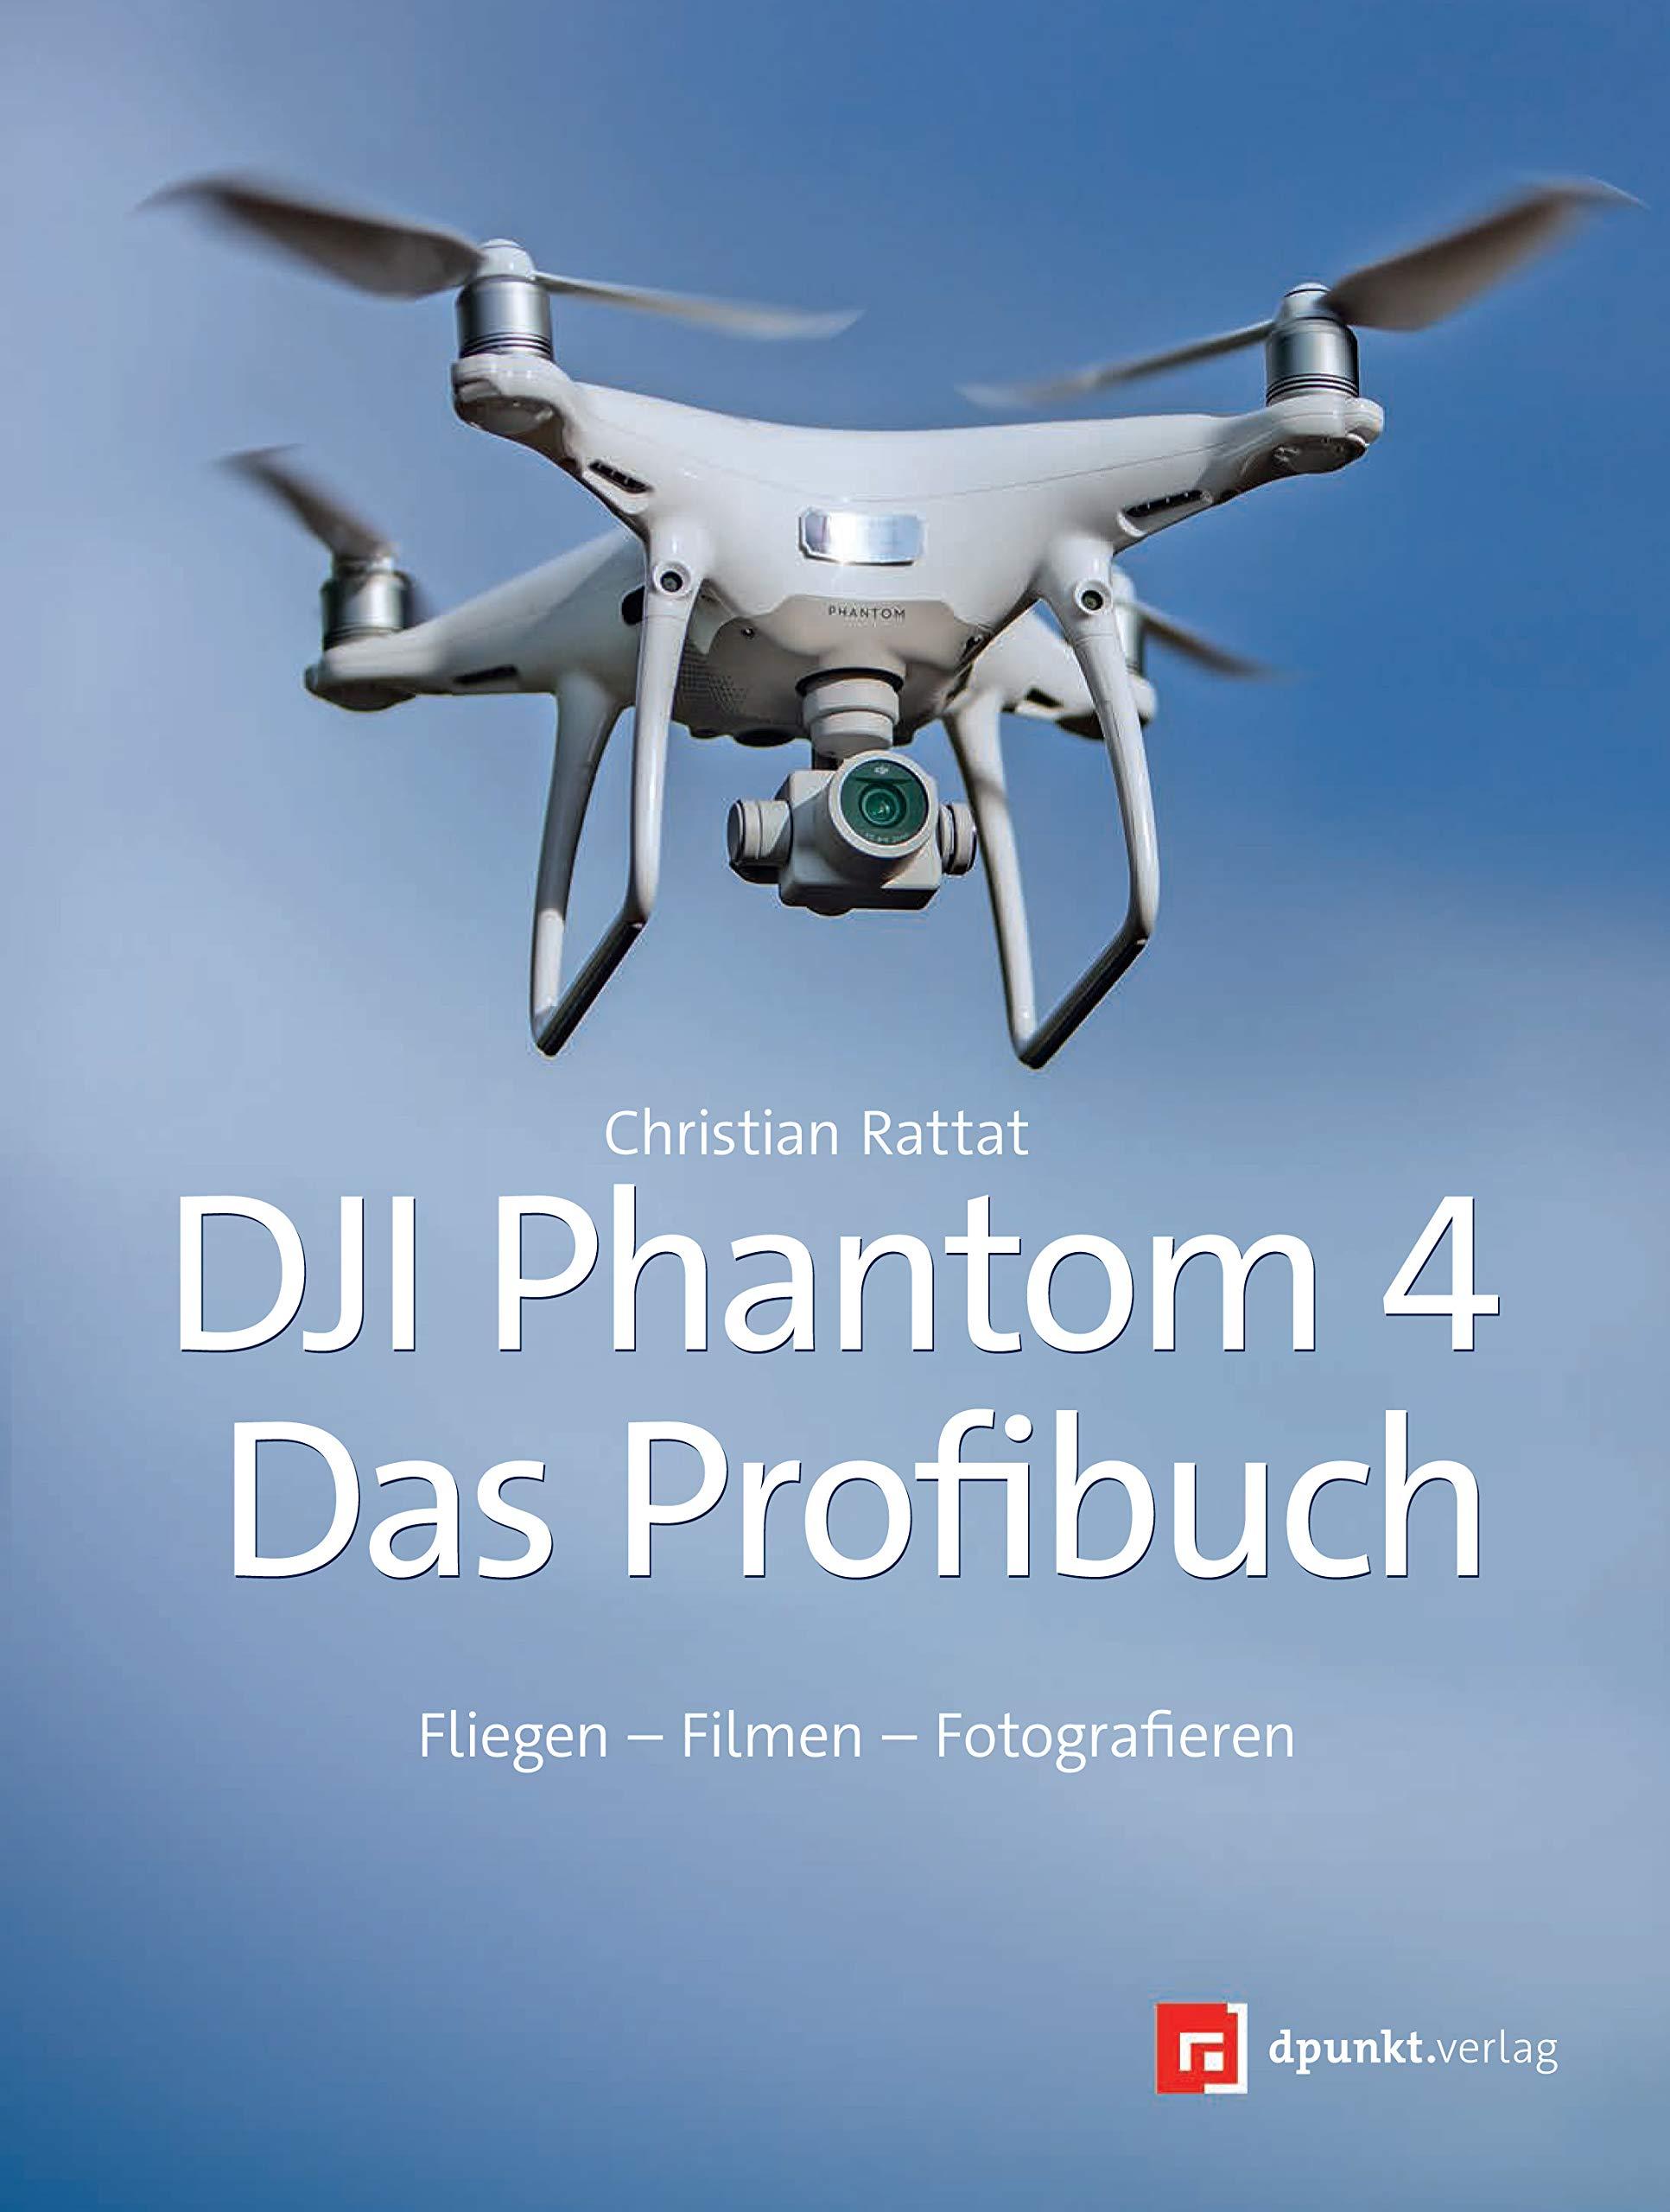 DJI Phantom 4 – Das Profibuch  Fliegen – Filmen – Fotografieren